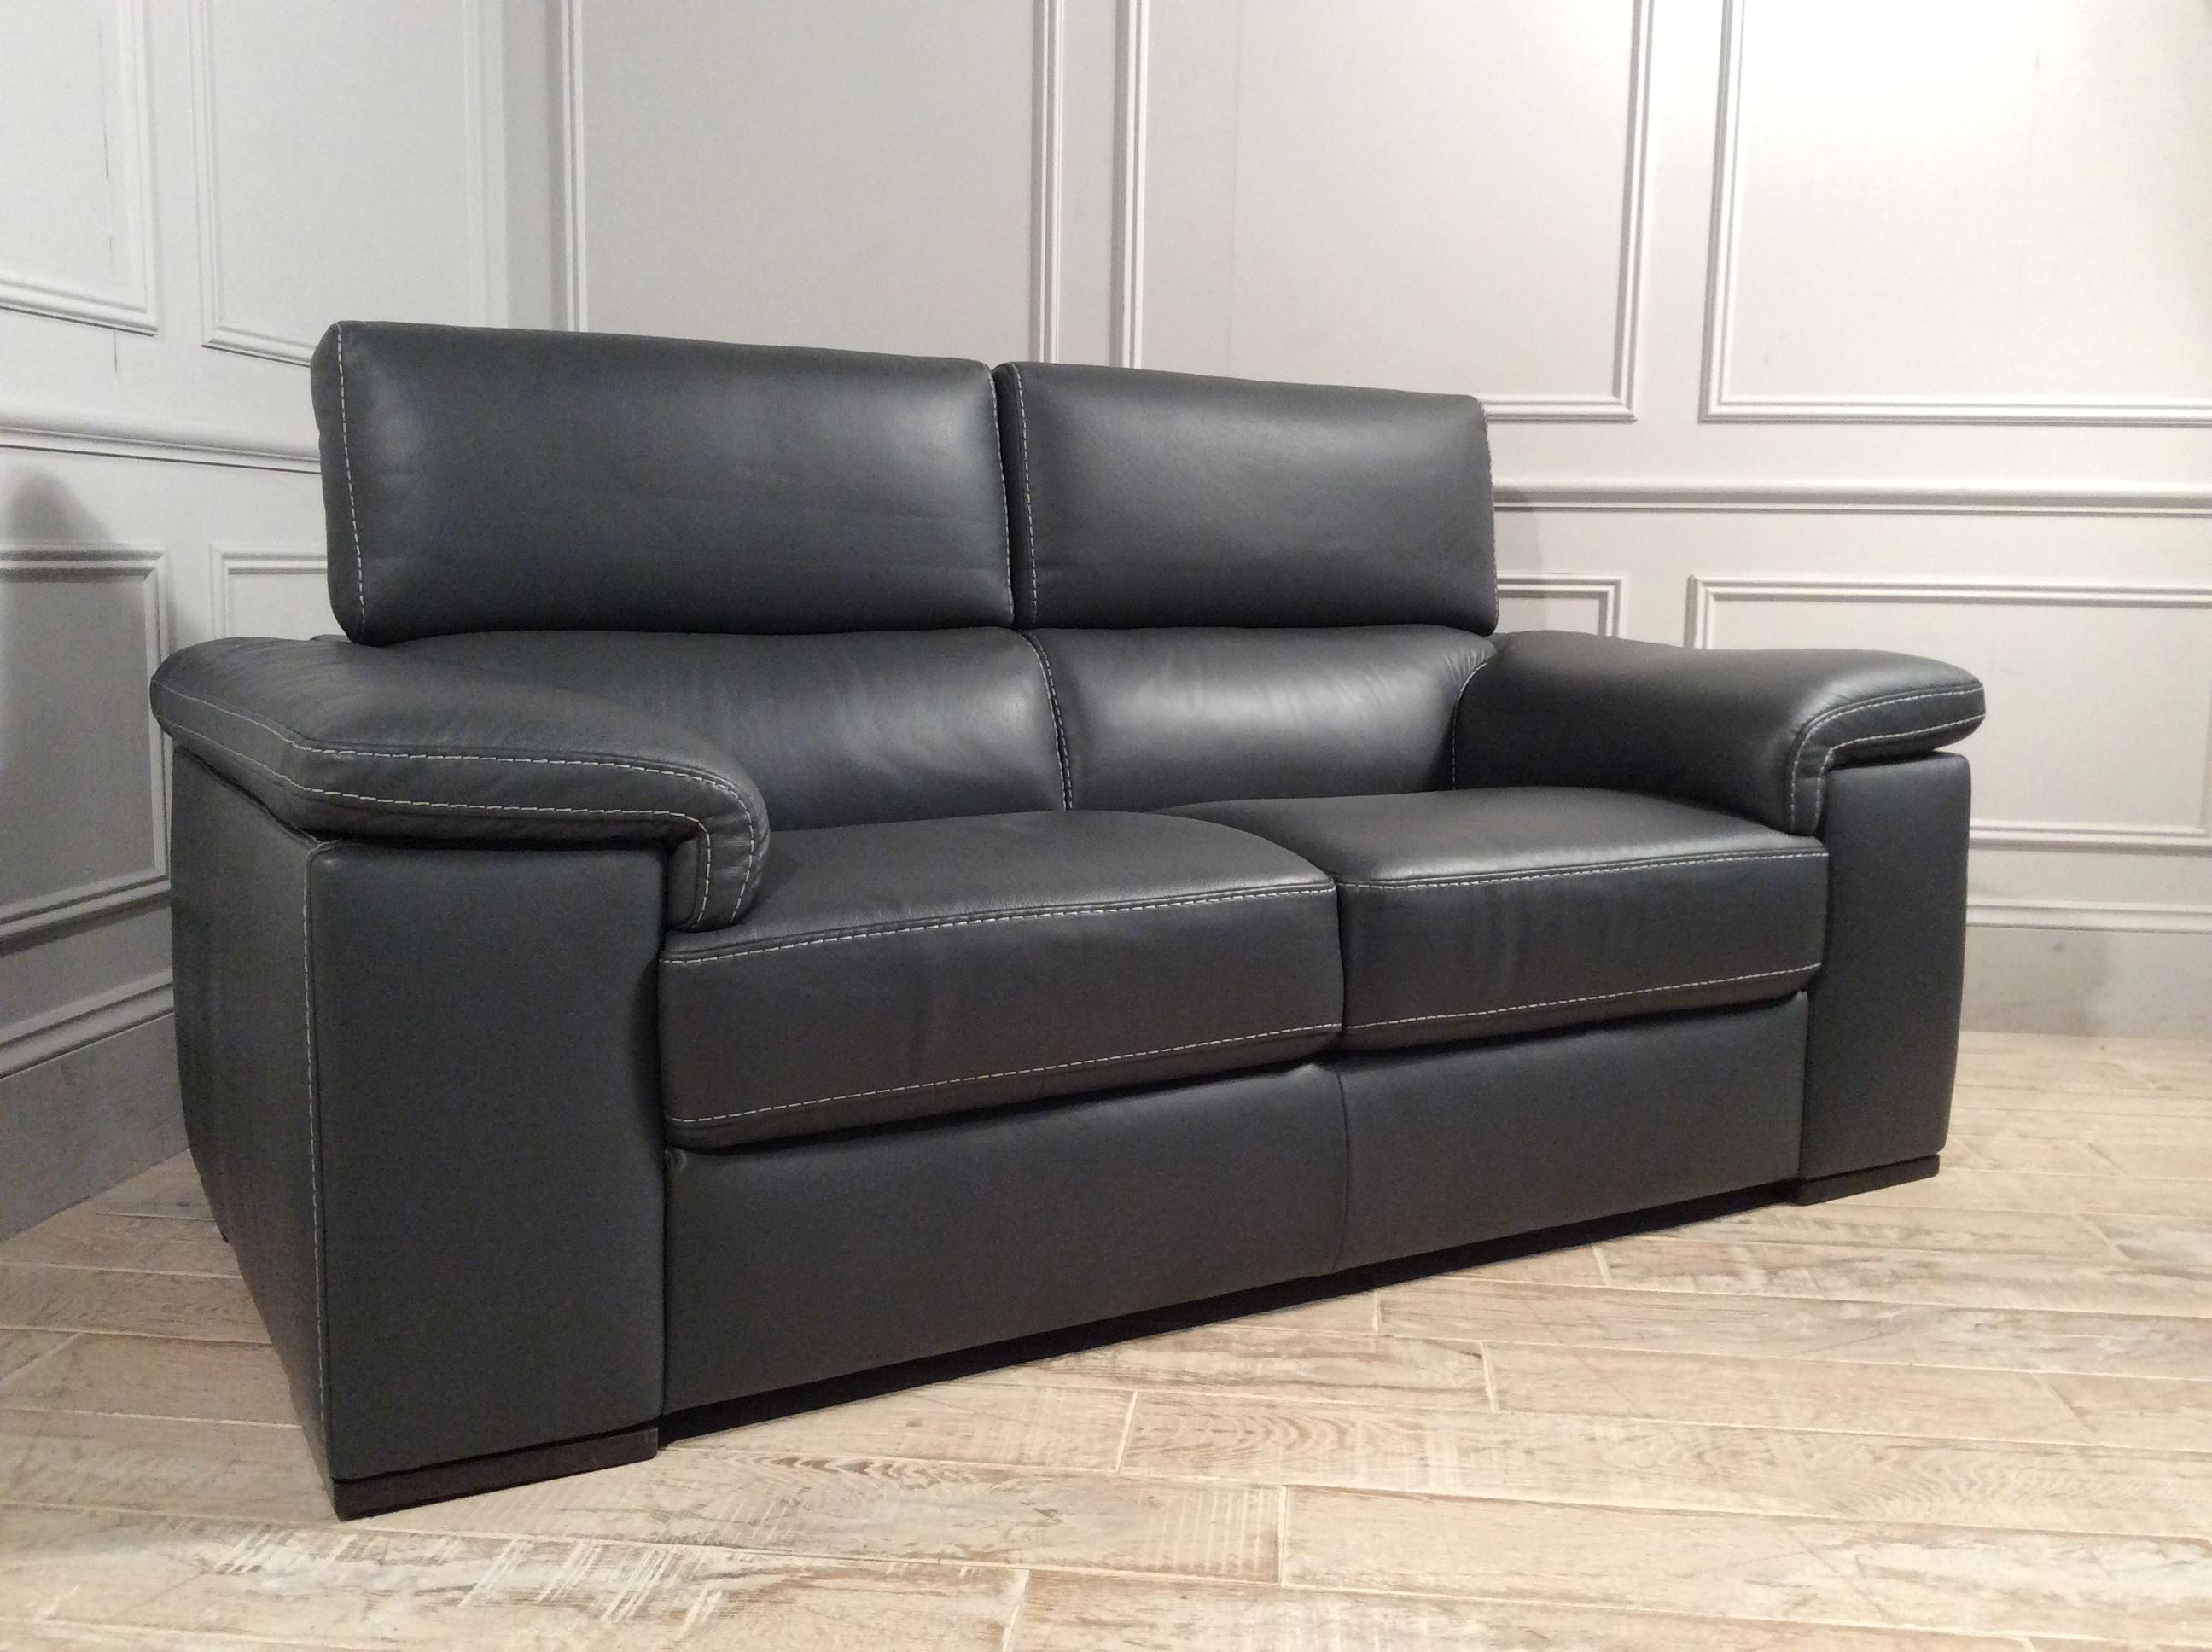 Fabio 2 Seater Leather Sofa in 15D7